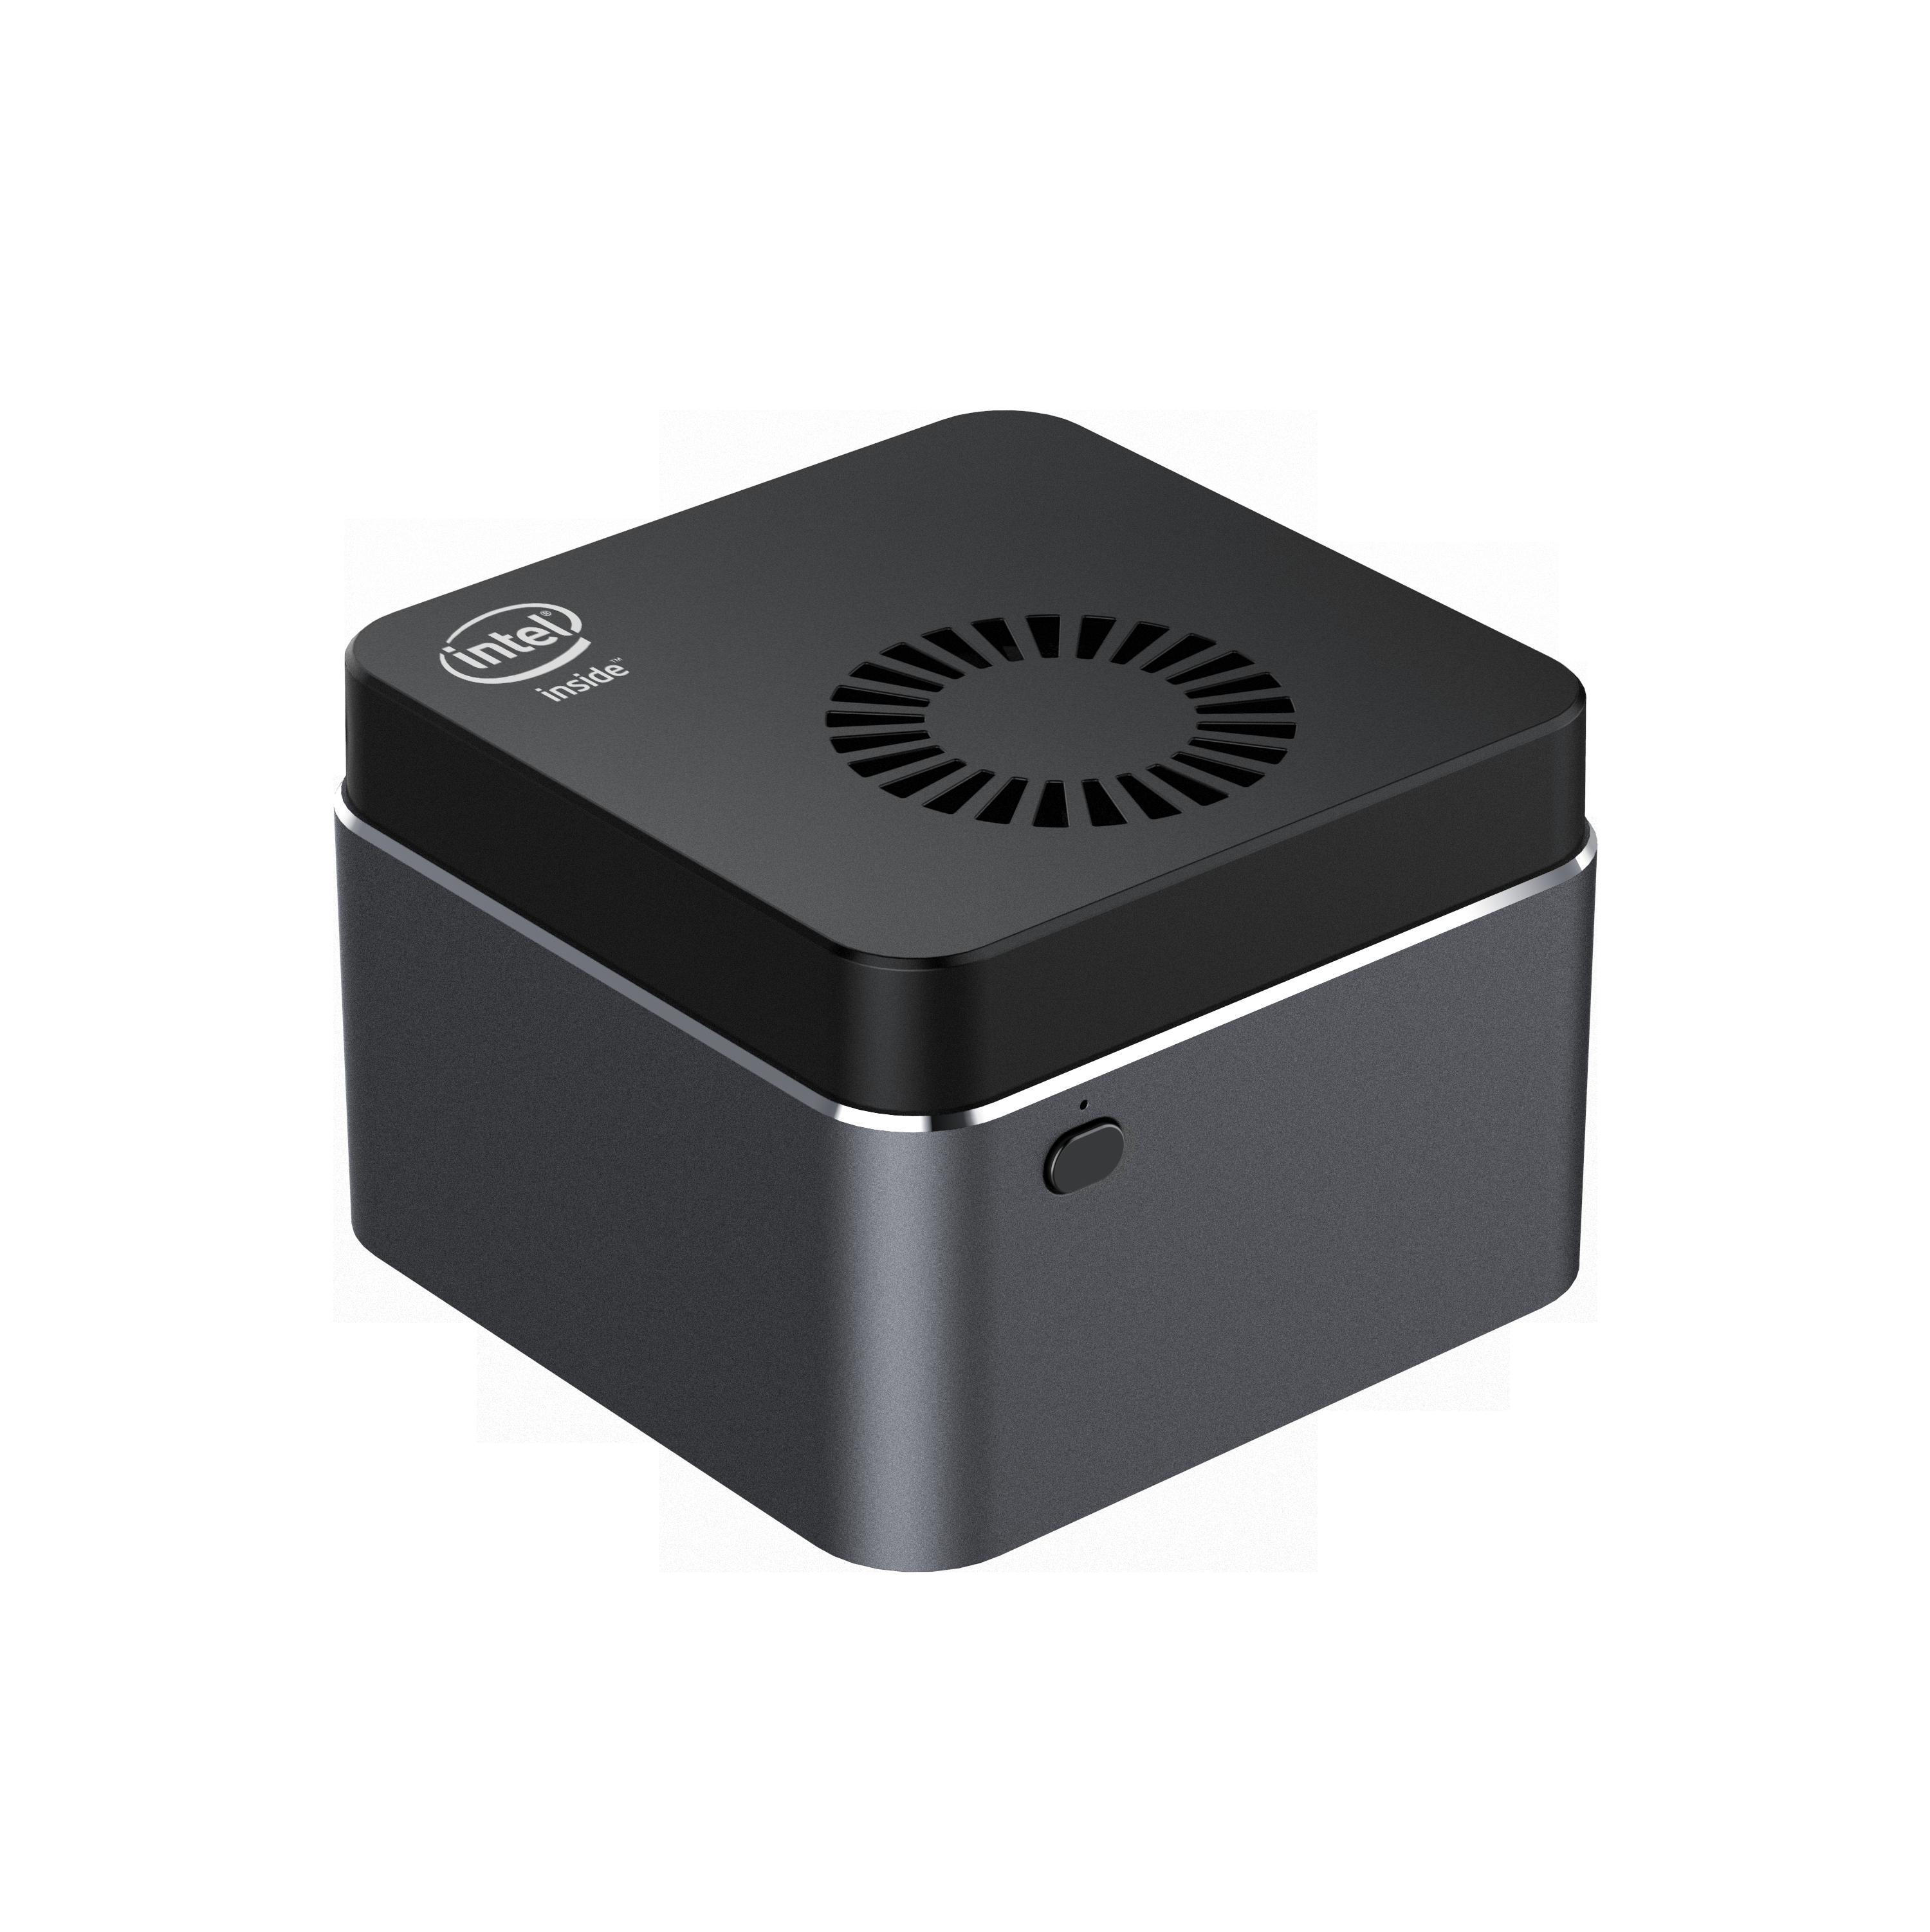 [해외] 인텔 셀러론 N4100 M1T 미니 PC Win10 리눅스 8G RAM 128G/256G/512G ROM USB3.0 BT4.2 듀얼 와이파이 2.4G + 5.8G 소형 미니